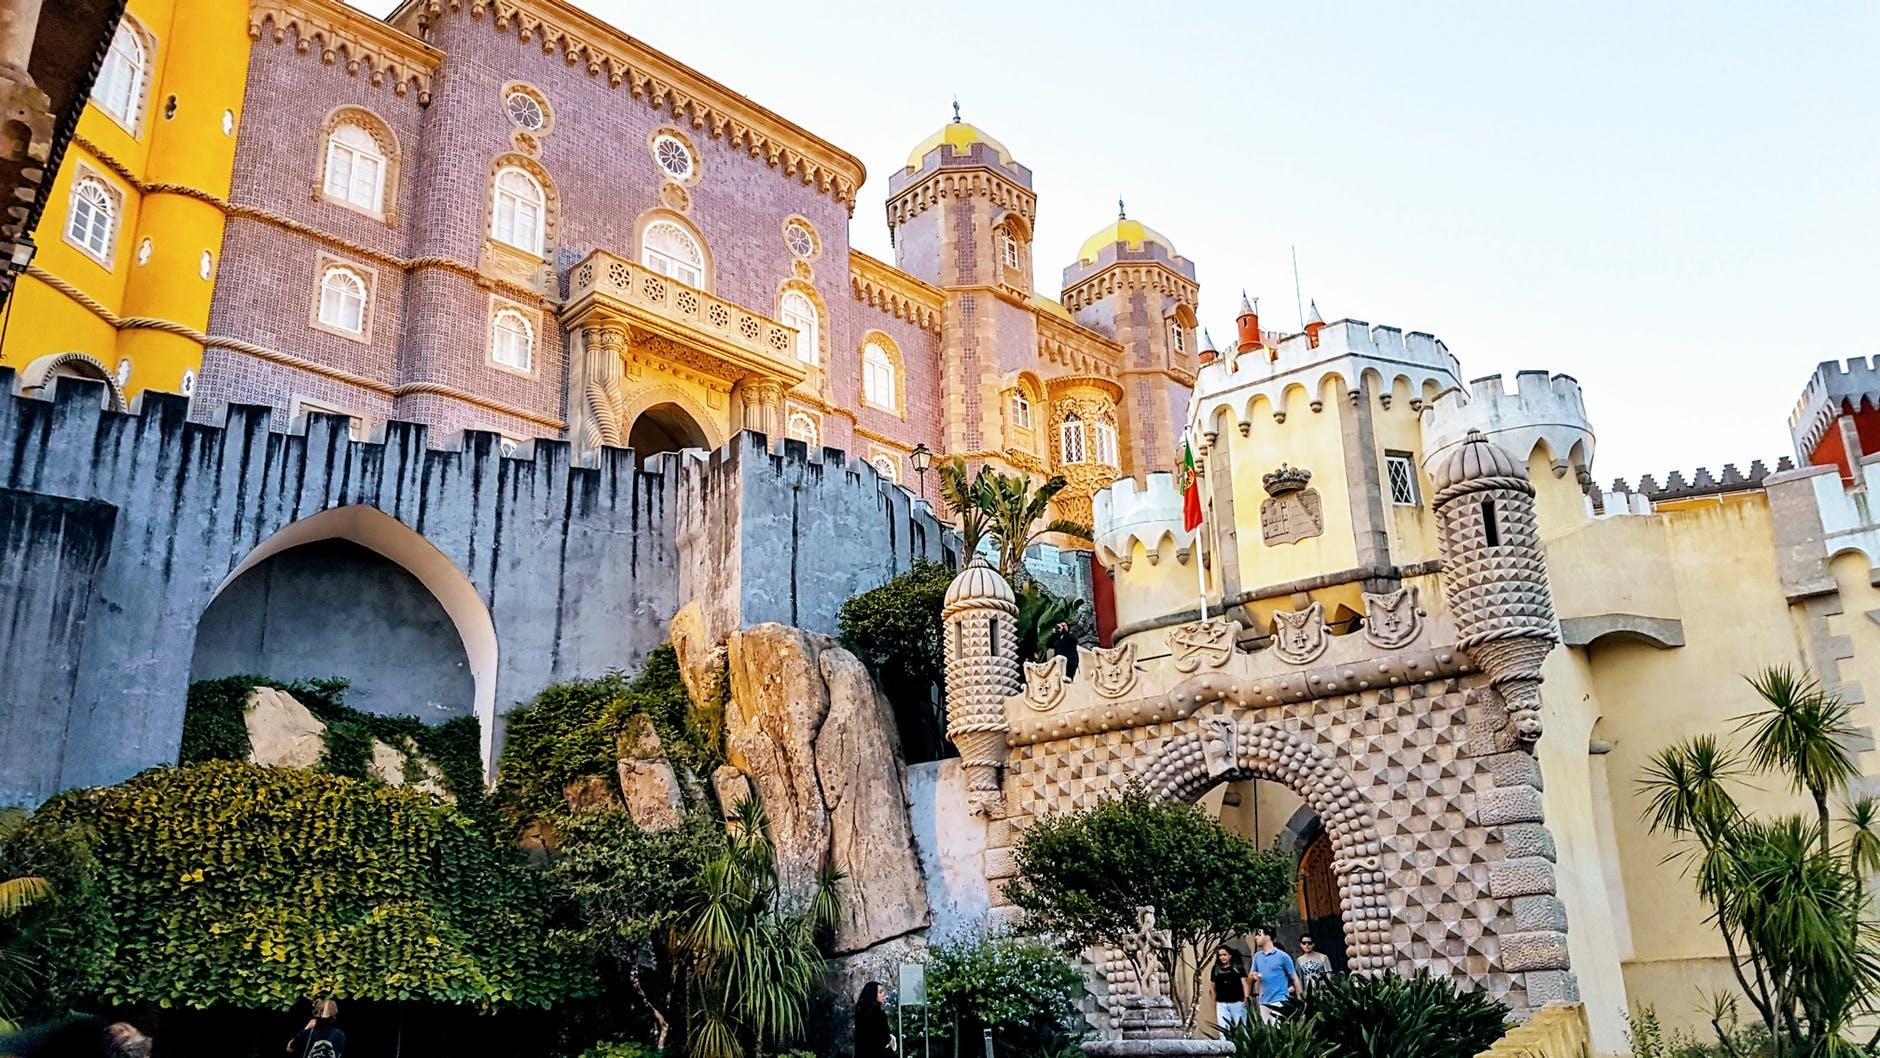 Новый Год и Рождество 2022 в Португалии (семь экскурсионных дней, одна из самых насыщенных программ). Под прямой рейс а/к Sky Up!